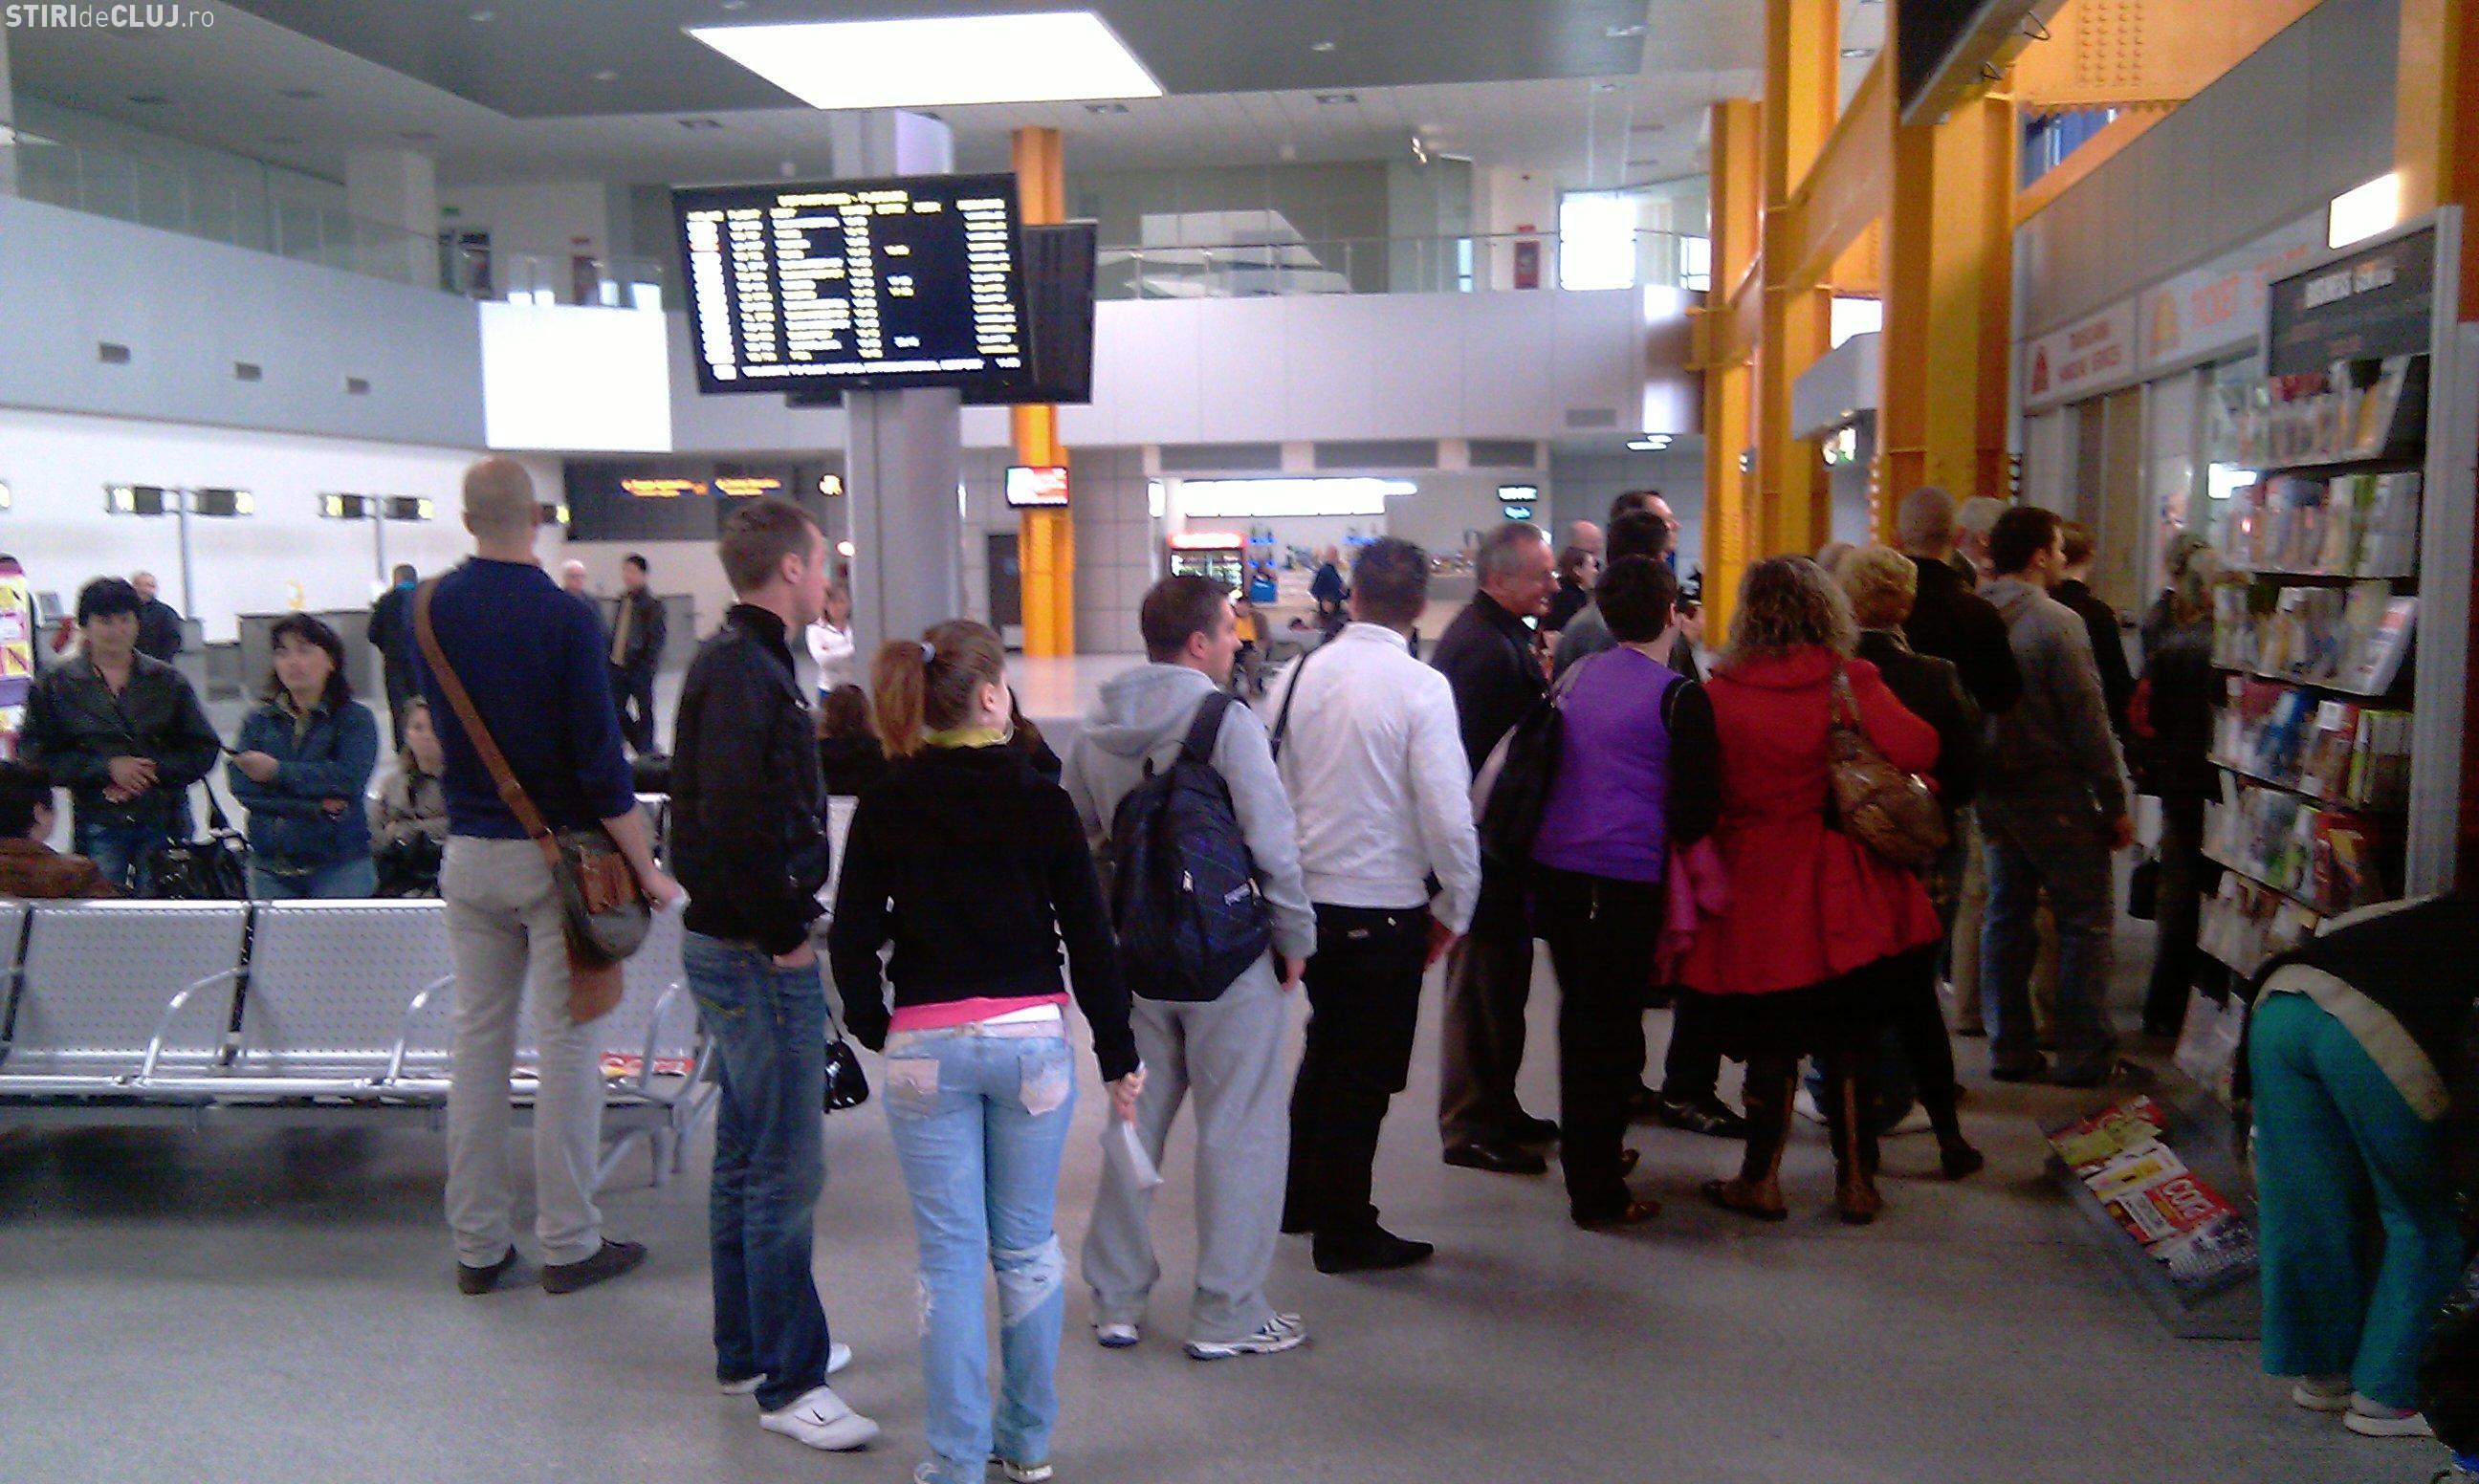 Aeroportul Cluj are nevoie de investiții. Trebuie făcut ceva cu aglomerația. Urmează zborul spre Dubai